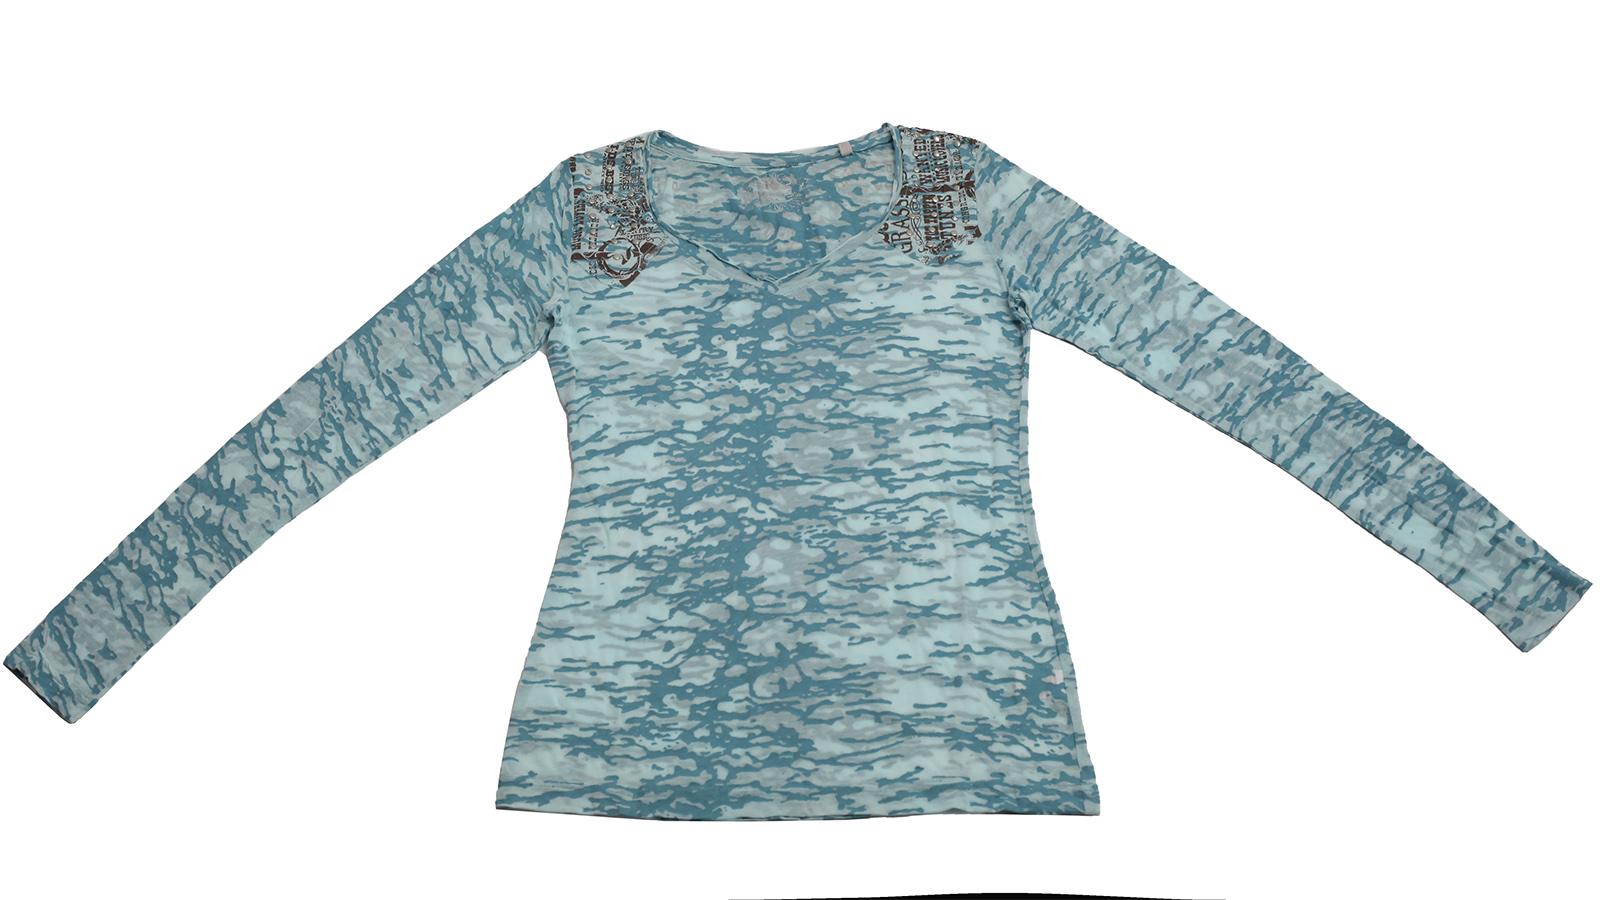 Кофточка оригинальной расцветки для смелых модниц от бренда Panhandle Slim